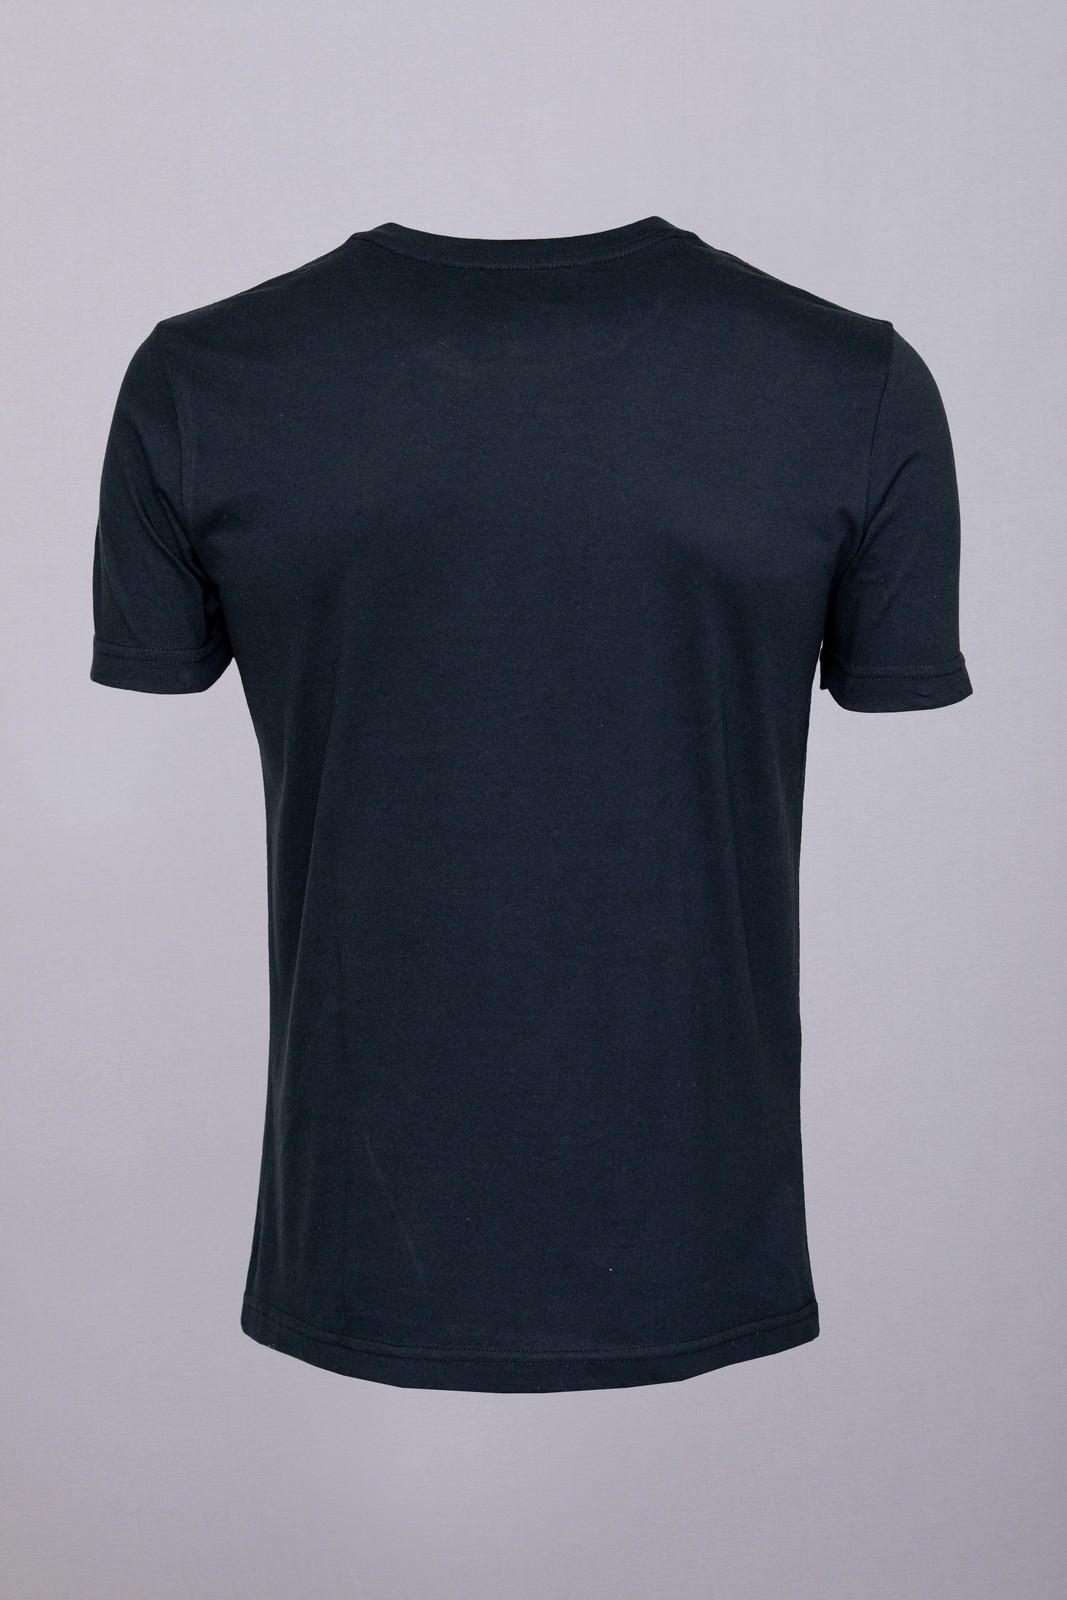 Camiseta Barrocco Palmeira Preta